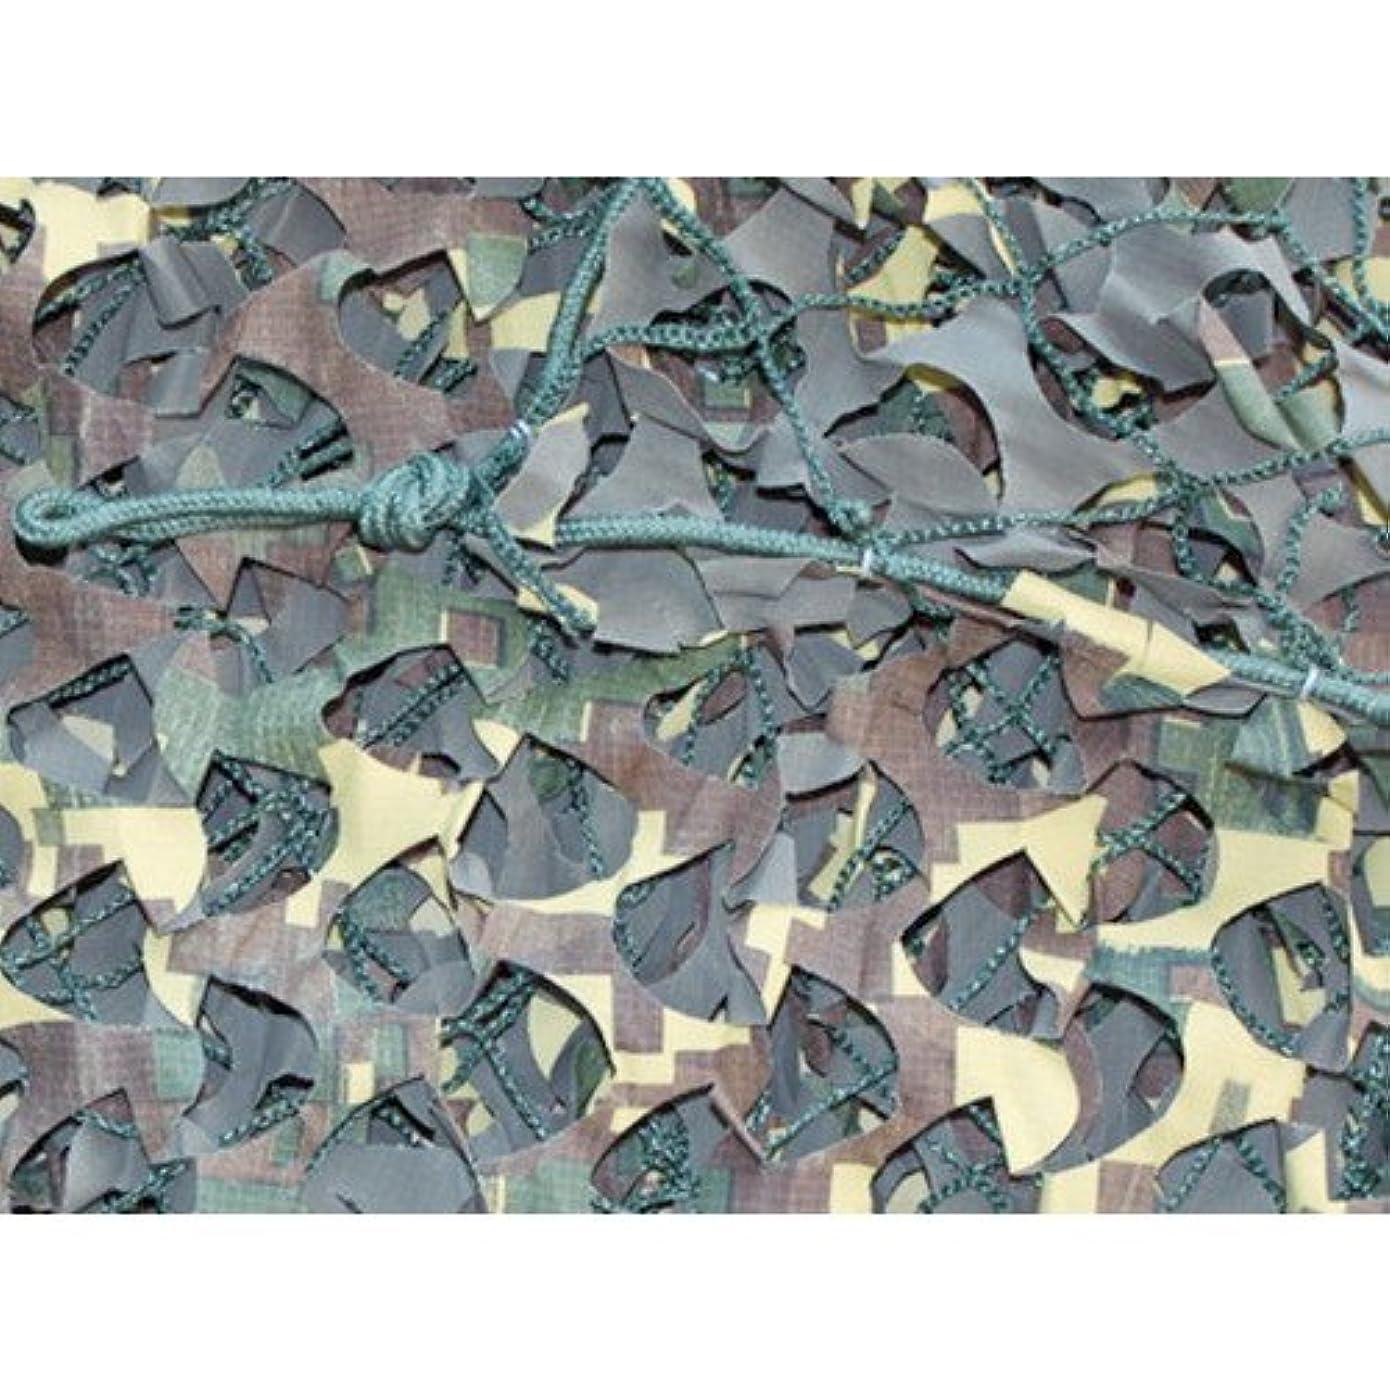 科学ほとんどないオズワルドトラスコ中山 CAMO スペシャリスト レギュラーXミリタリー キラーカモ 1.8mX6m KK08